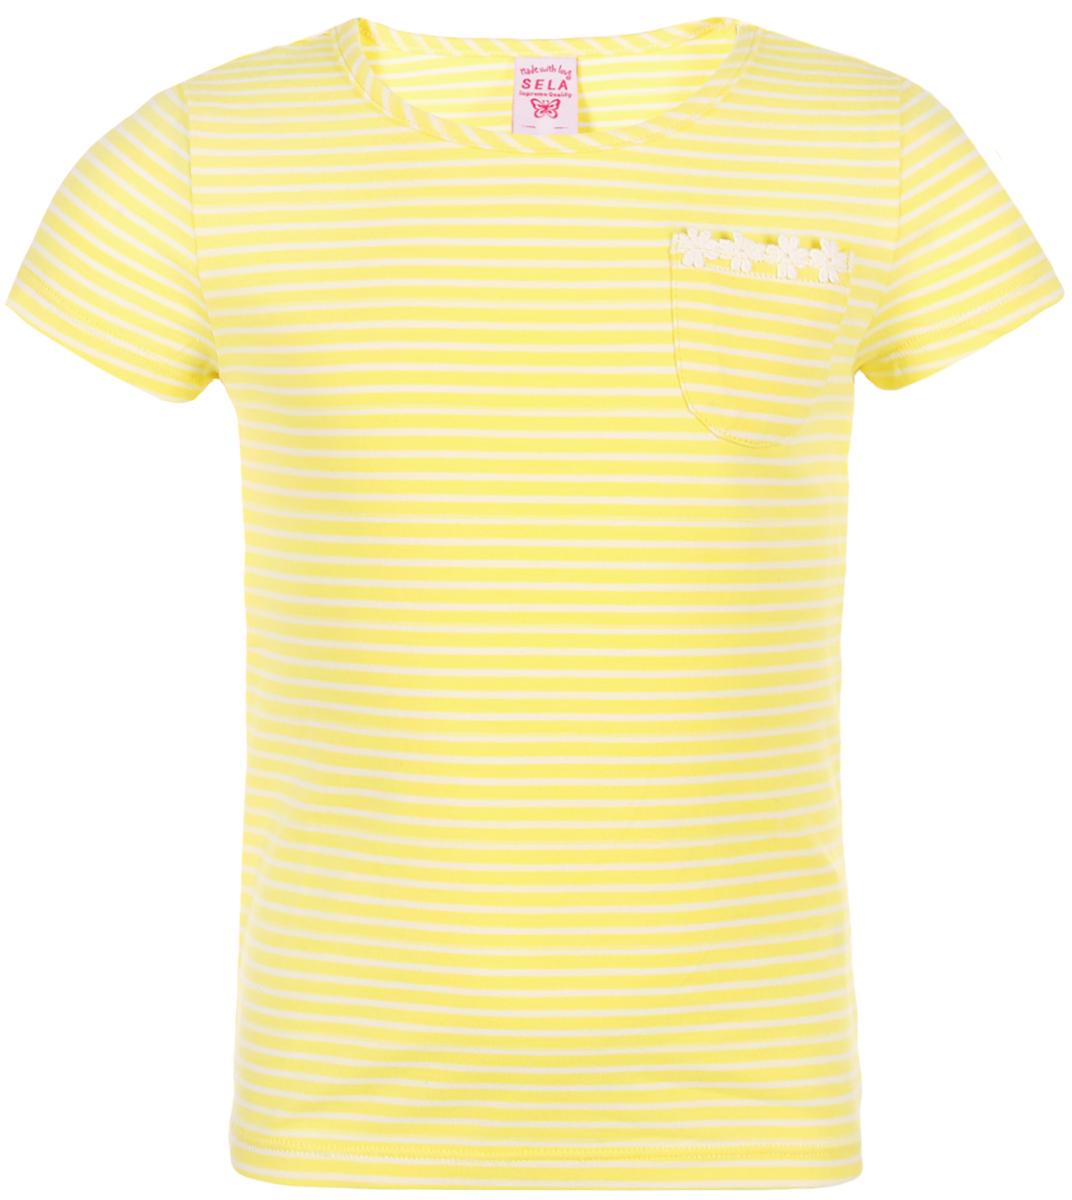 Футболка для девочки Sela, цвет: желтый. Ts-511/489-8223. Размер 116Ts-511/489-8223Футболка от Sela выполнена из эластичного хлопкового трикотажа. Модель с короткими рукавами и круглым вырезом горловины дополнена нагрудным кармашком.